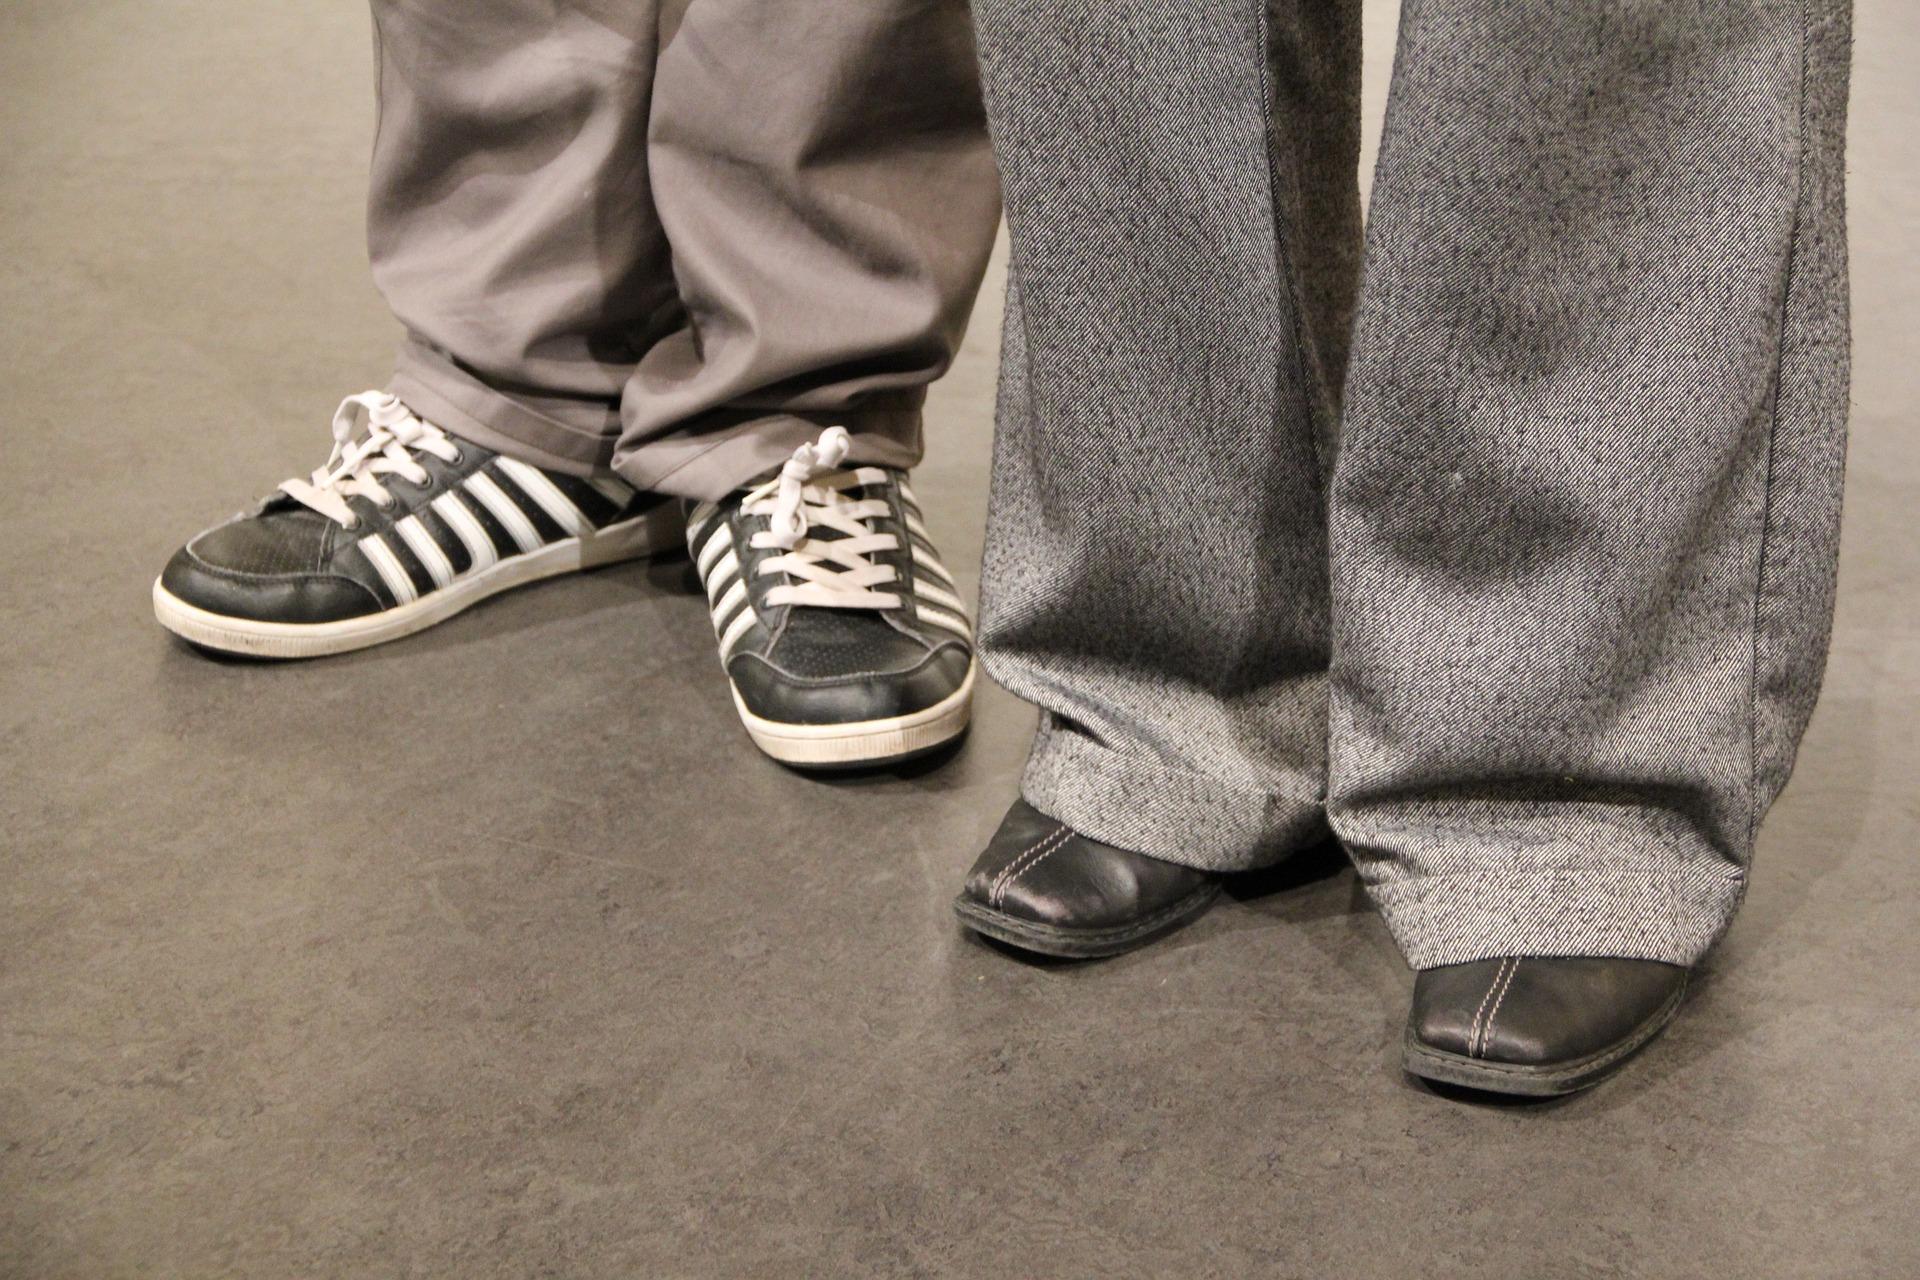 shoes-1816725_1920